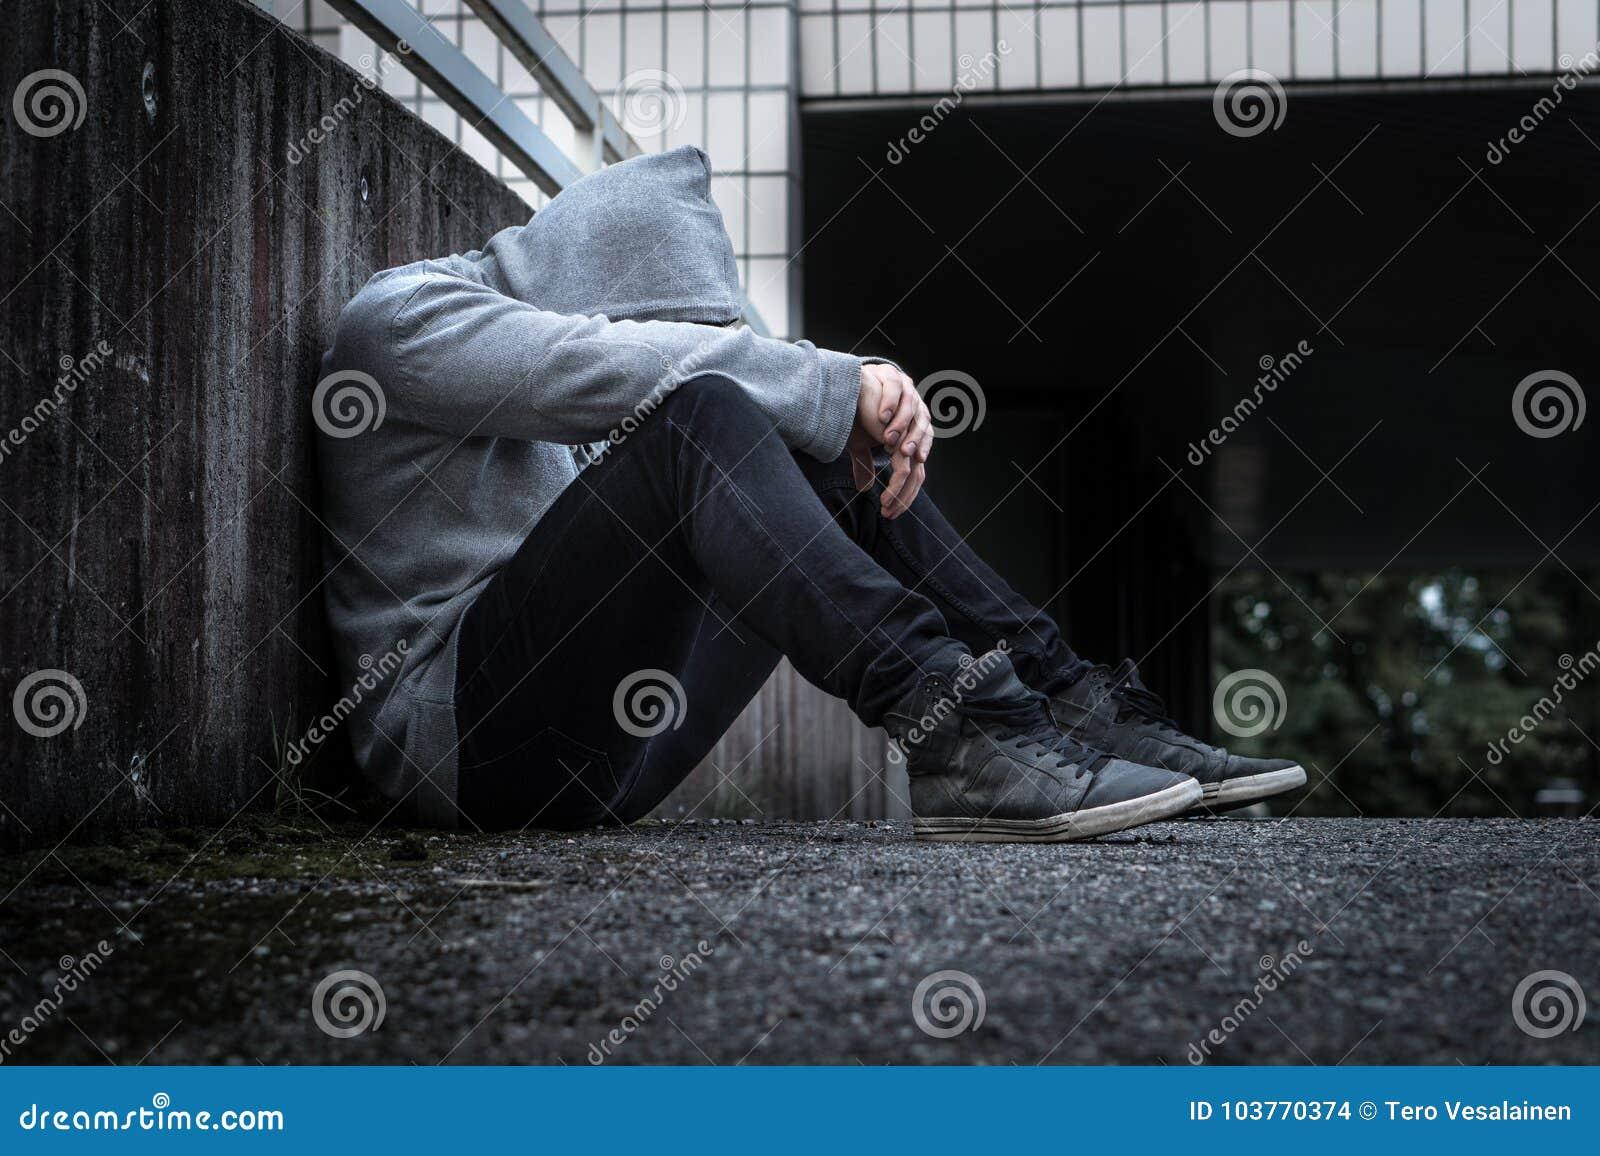 Depressão, isolamento social, solidão e saúde mental